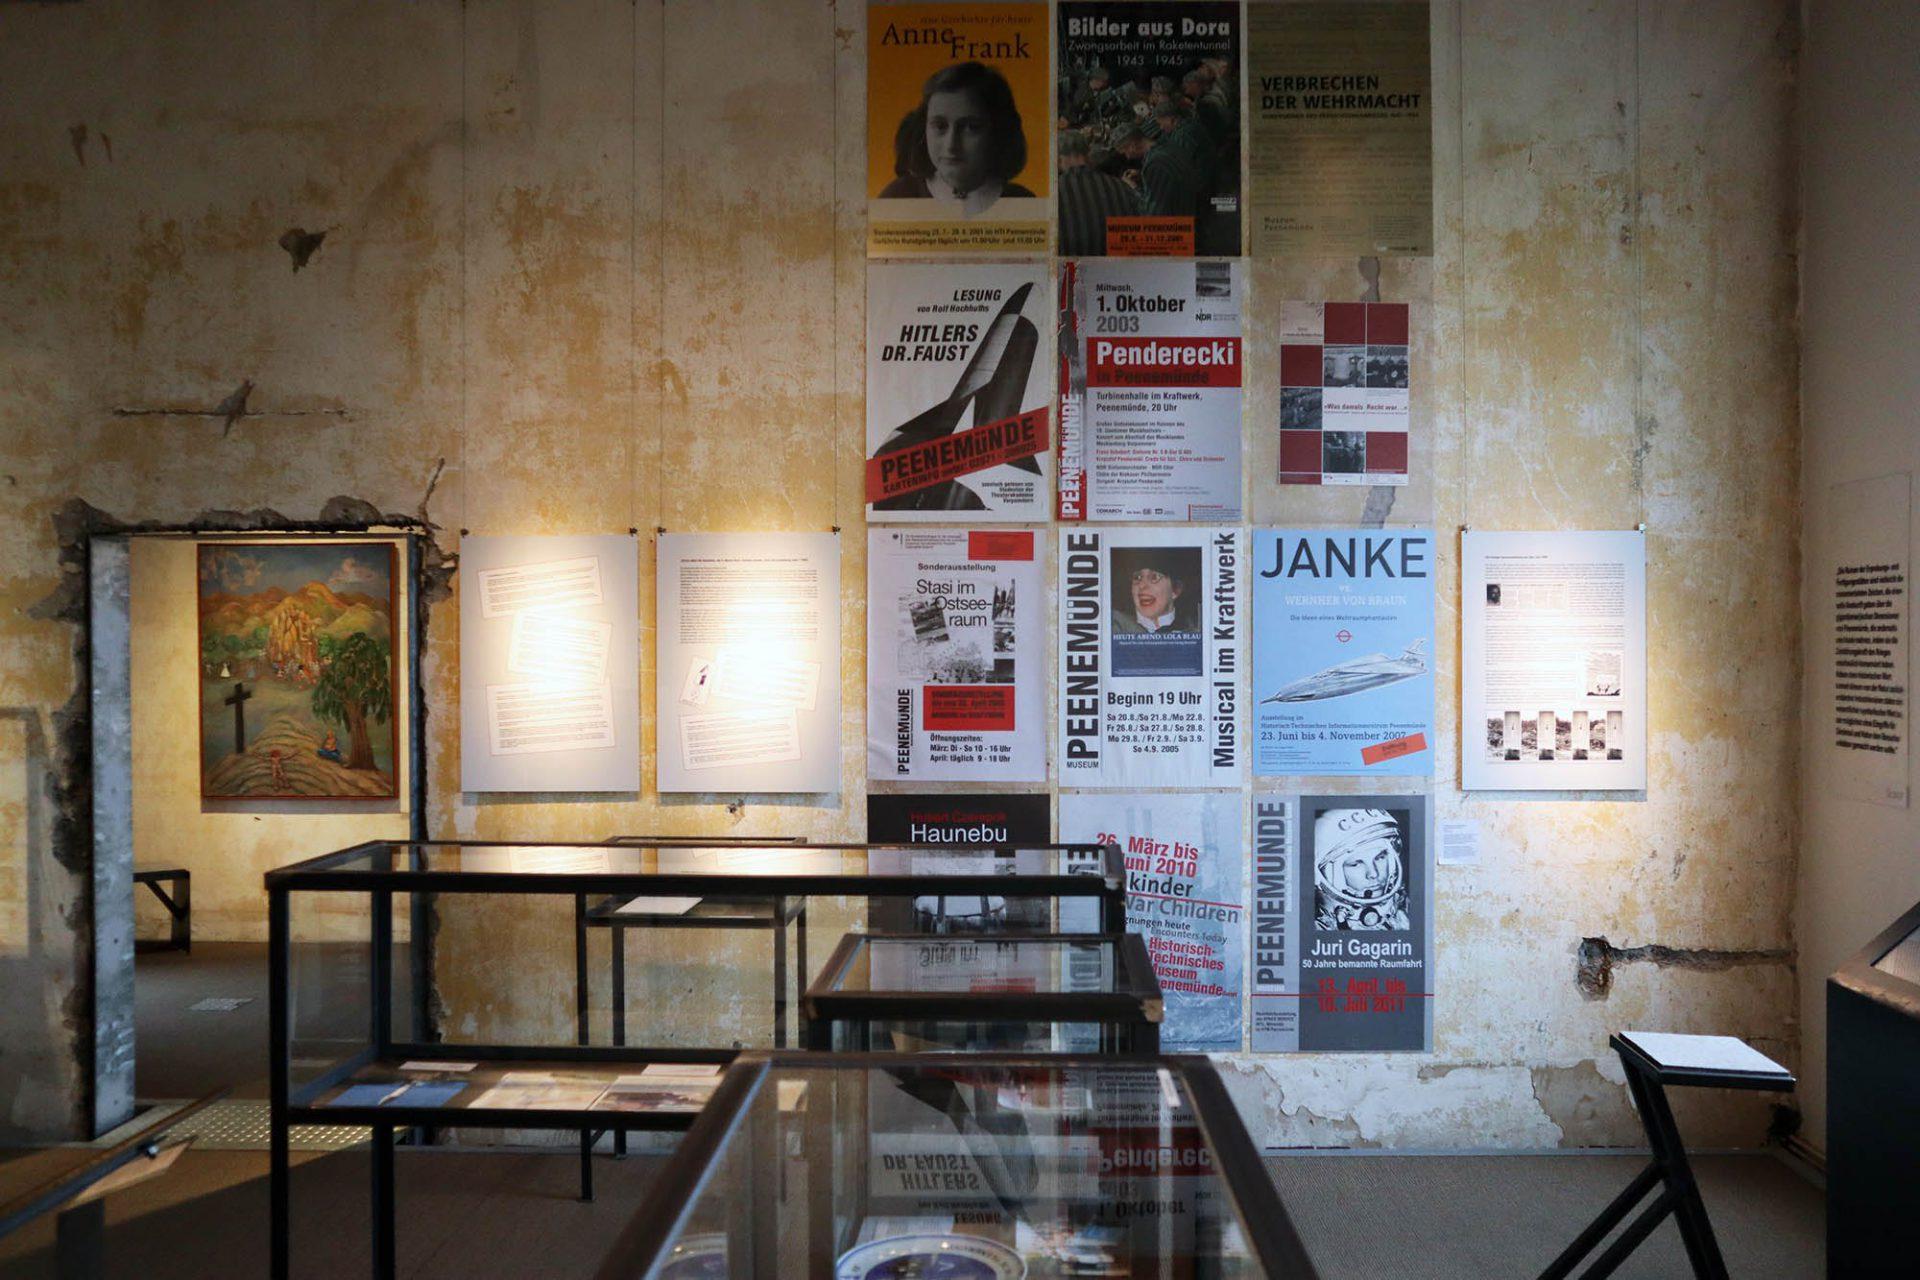 """Historisch-Technisches Museum (HTM) Peenemünde. Sonderausstellung """"Krieg oder Raumfahrt? Die Versuchsanstalten Peenemünde in der öffentlichen Erinnerung seit 1945"""". Von 7.2.2019–3.5.2020."""